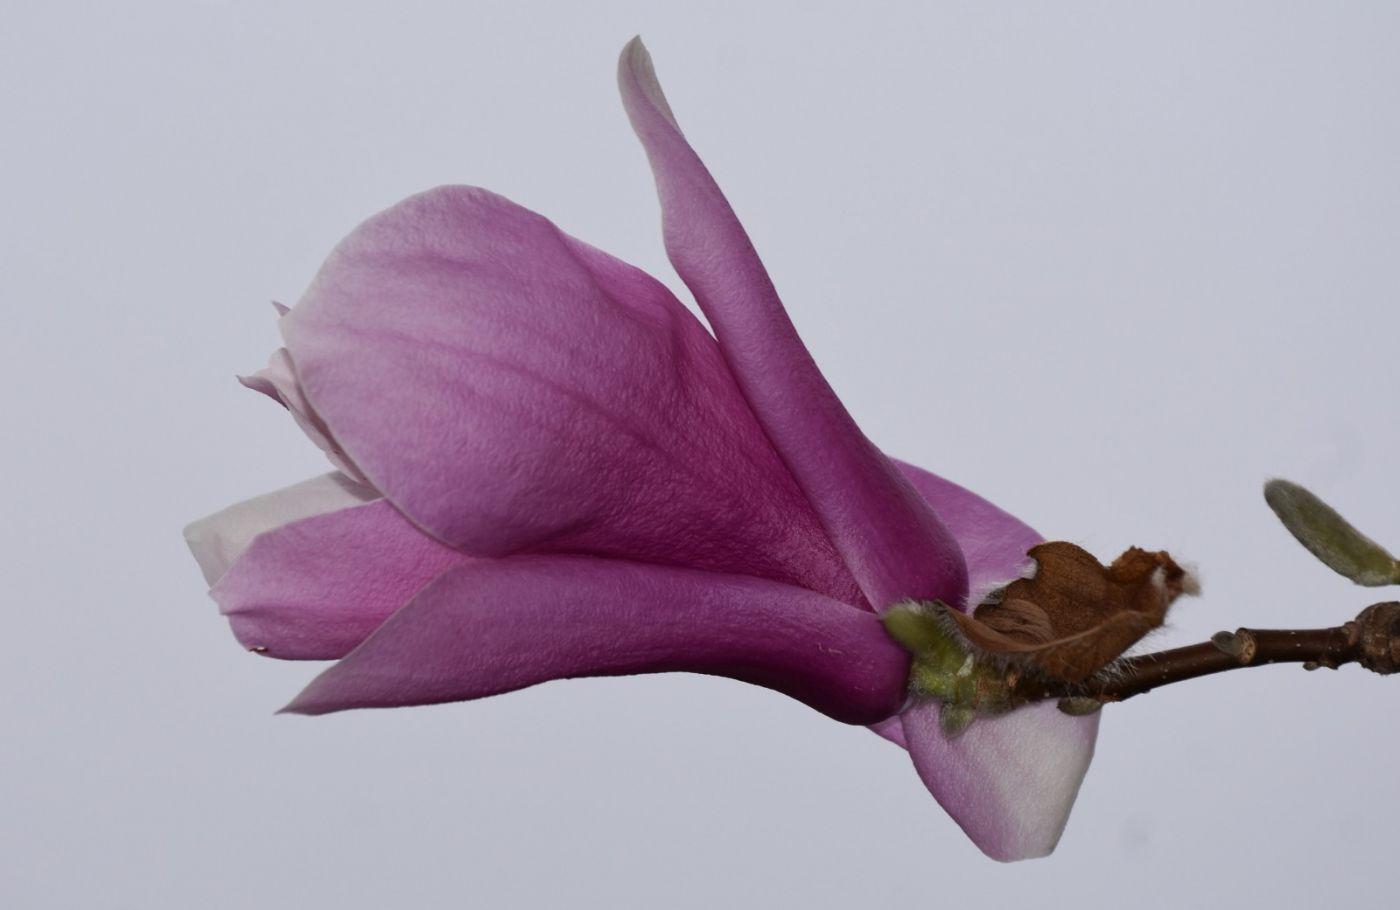 再拍紫玉兰_图1-10